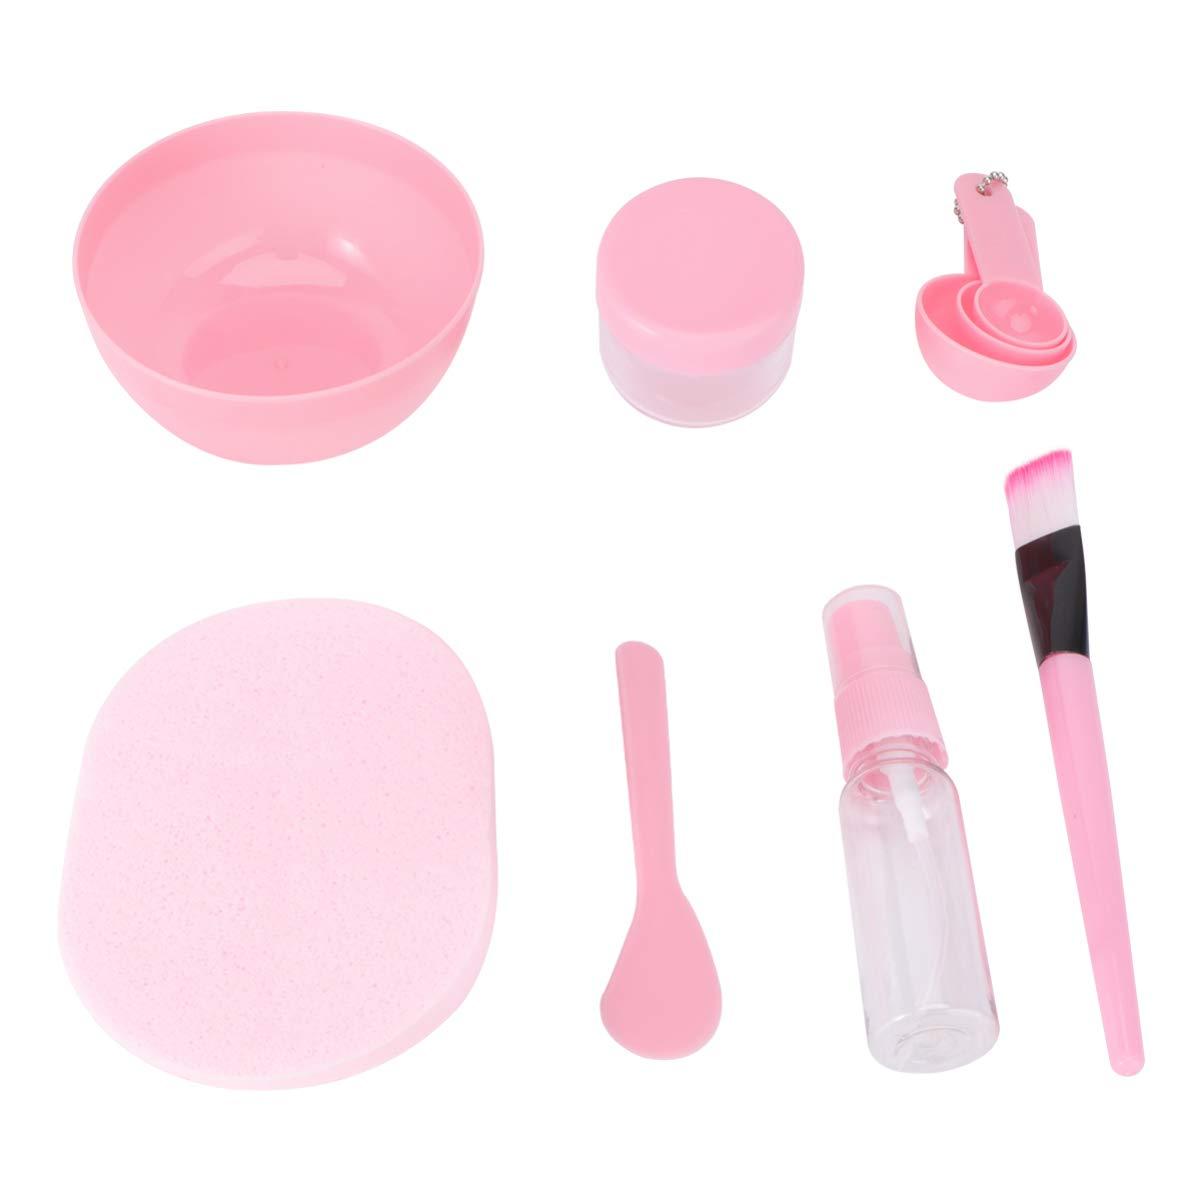 Beaupretty 10pcs DIY mart Facial Mixing Tool Set Sp Super beauty product restock quality top Bowl Stick